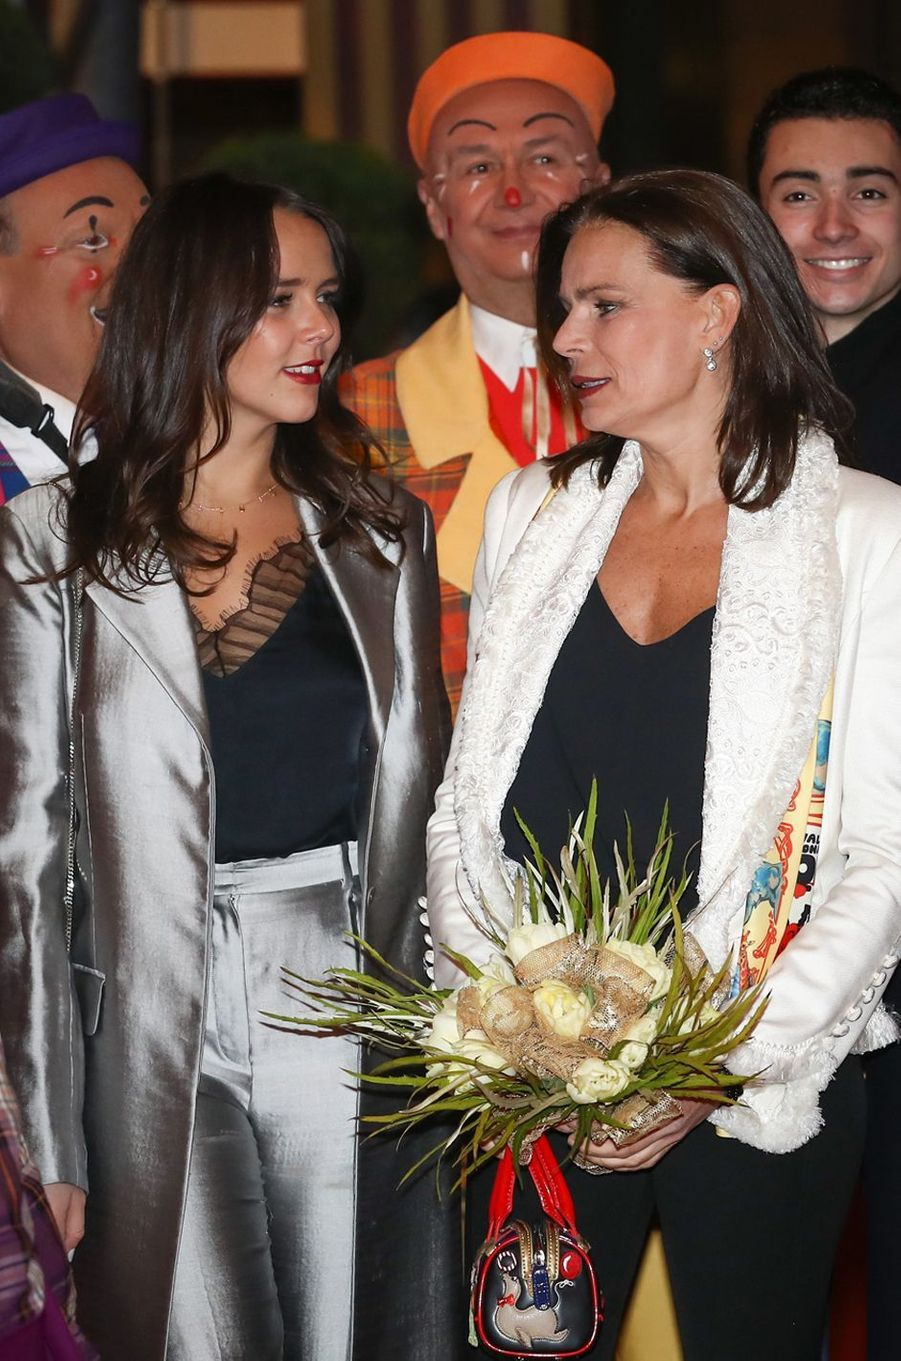 Pauline Ducruet et sa mère la princesse Stéphanie de Monaco à Monaco, le 18 janvier 2018